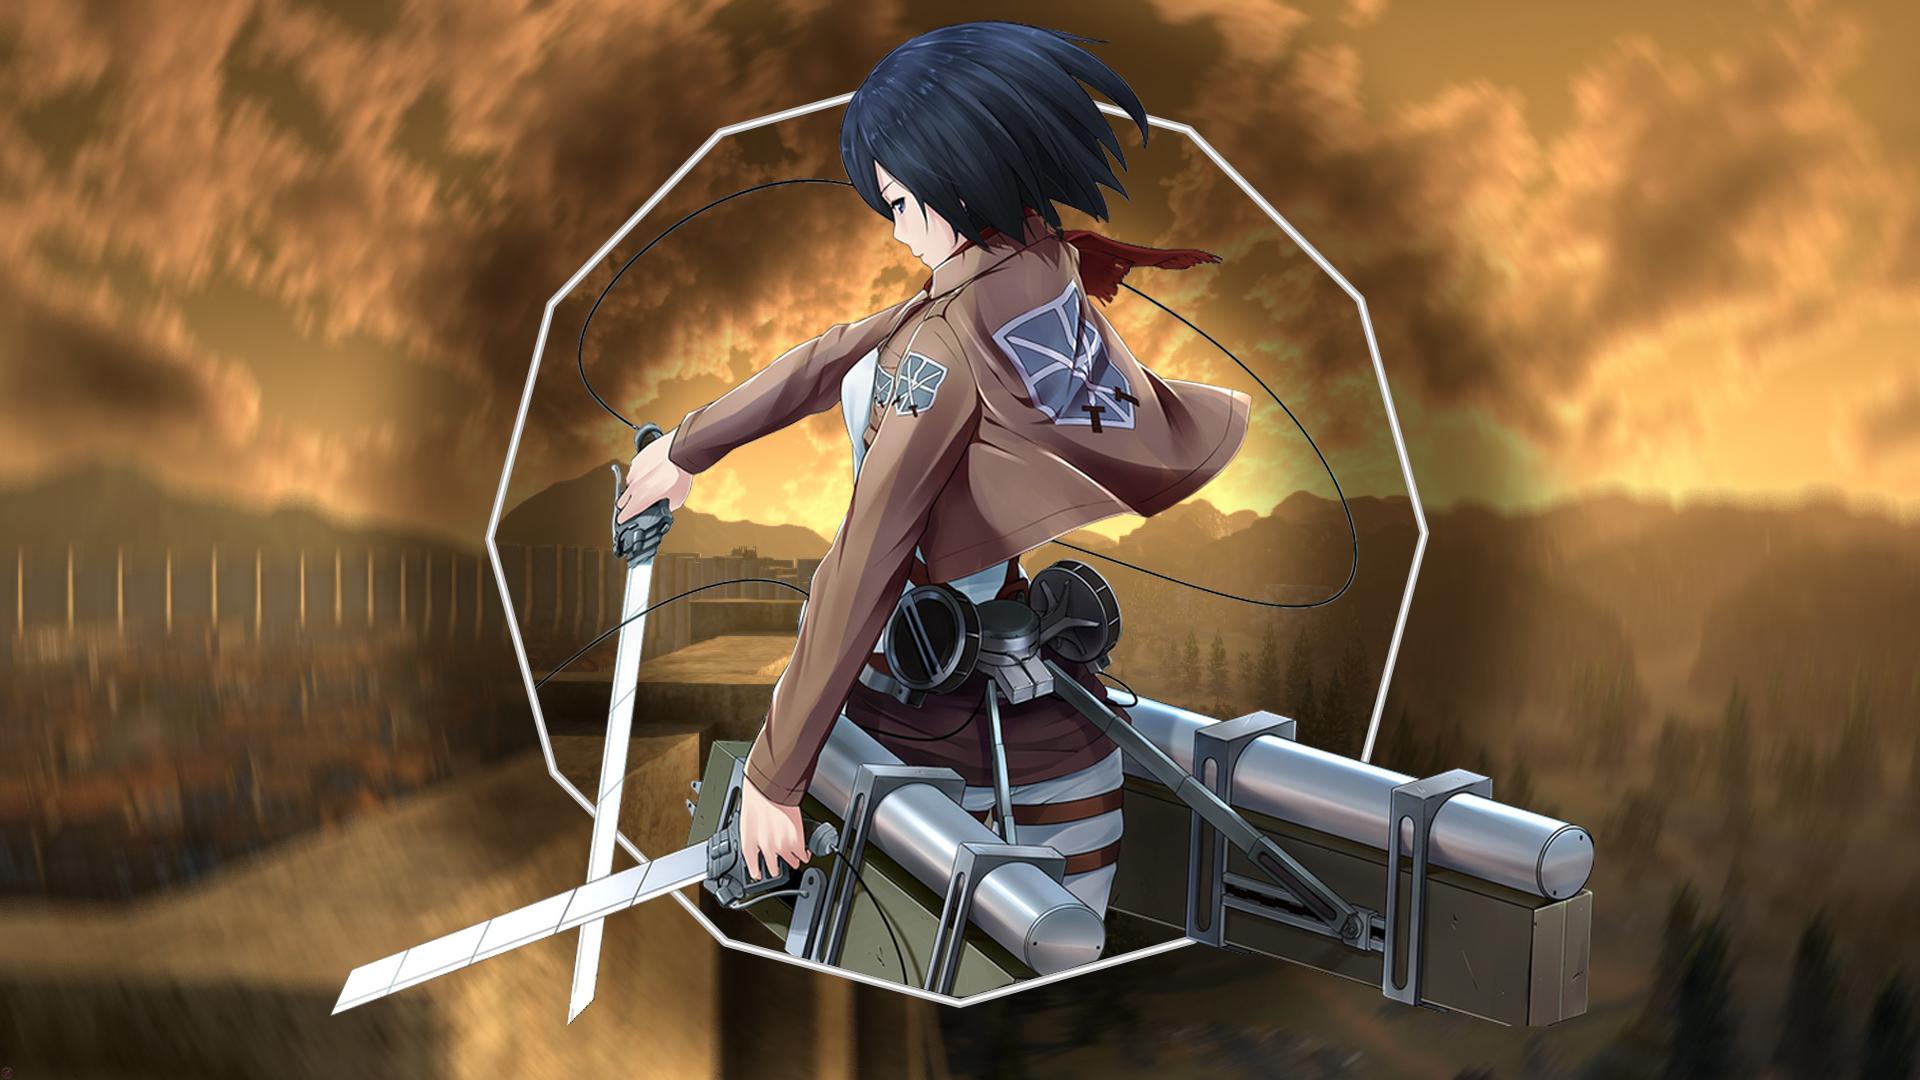 Mikasa Ackerman Shingeki No Kyojin 1920x1080 Wallpaper Teahub Io